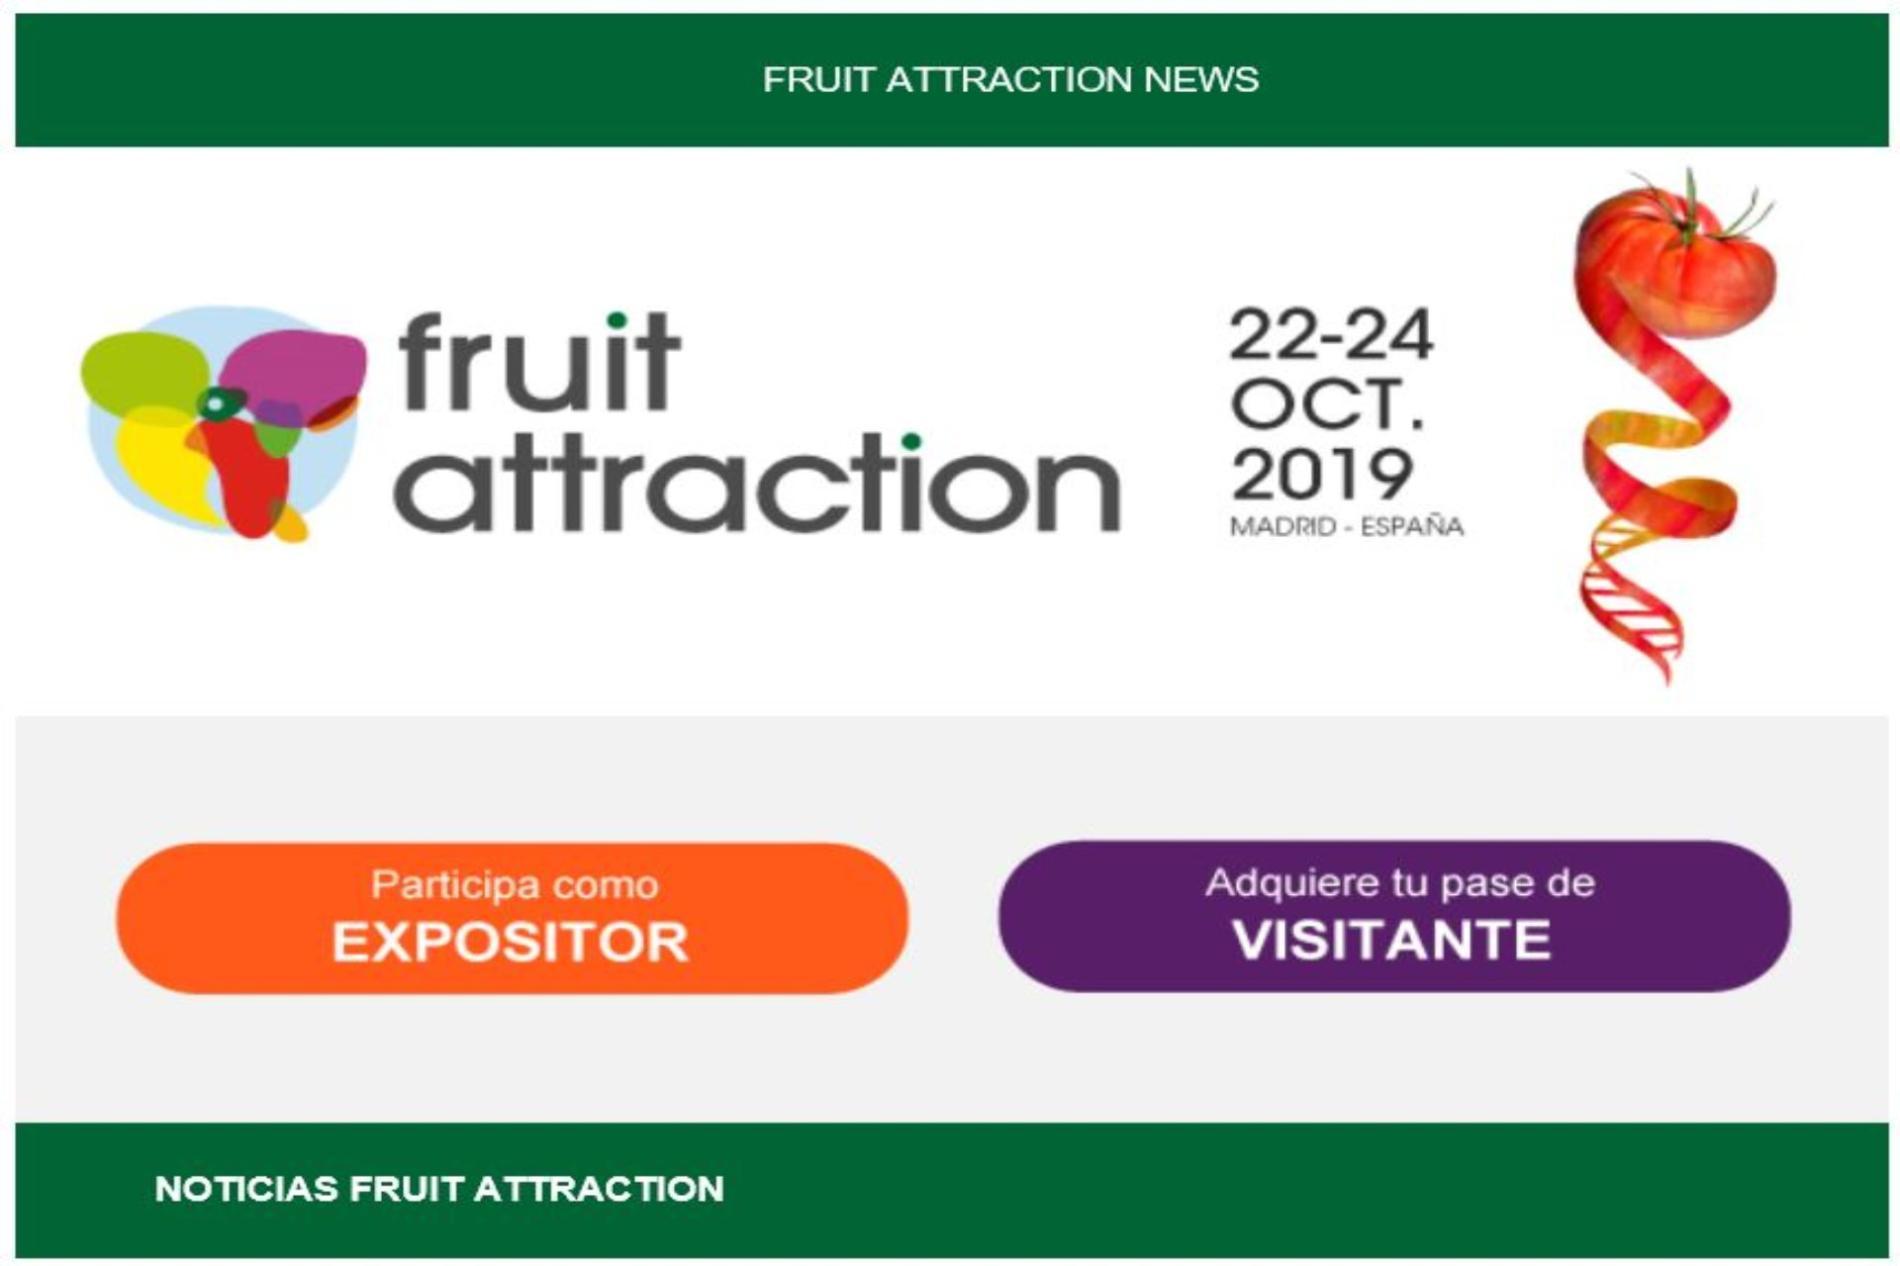 Máxima visibilidad para los expositores de Fruit Attraction en sus canales digitales